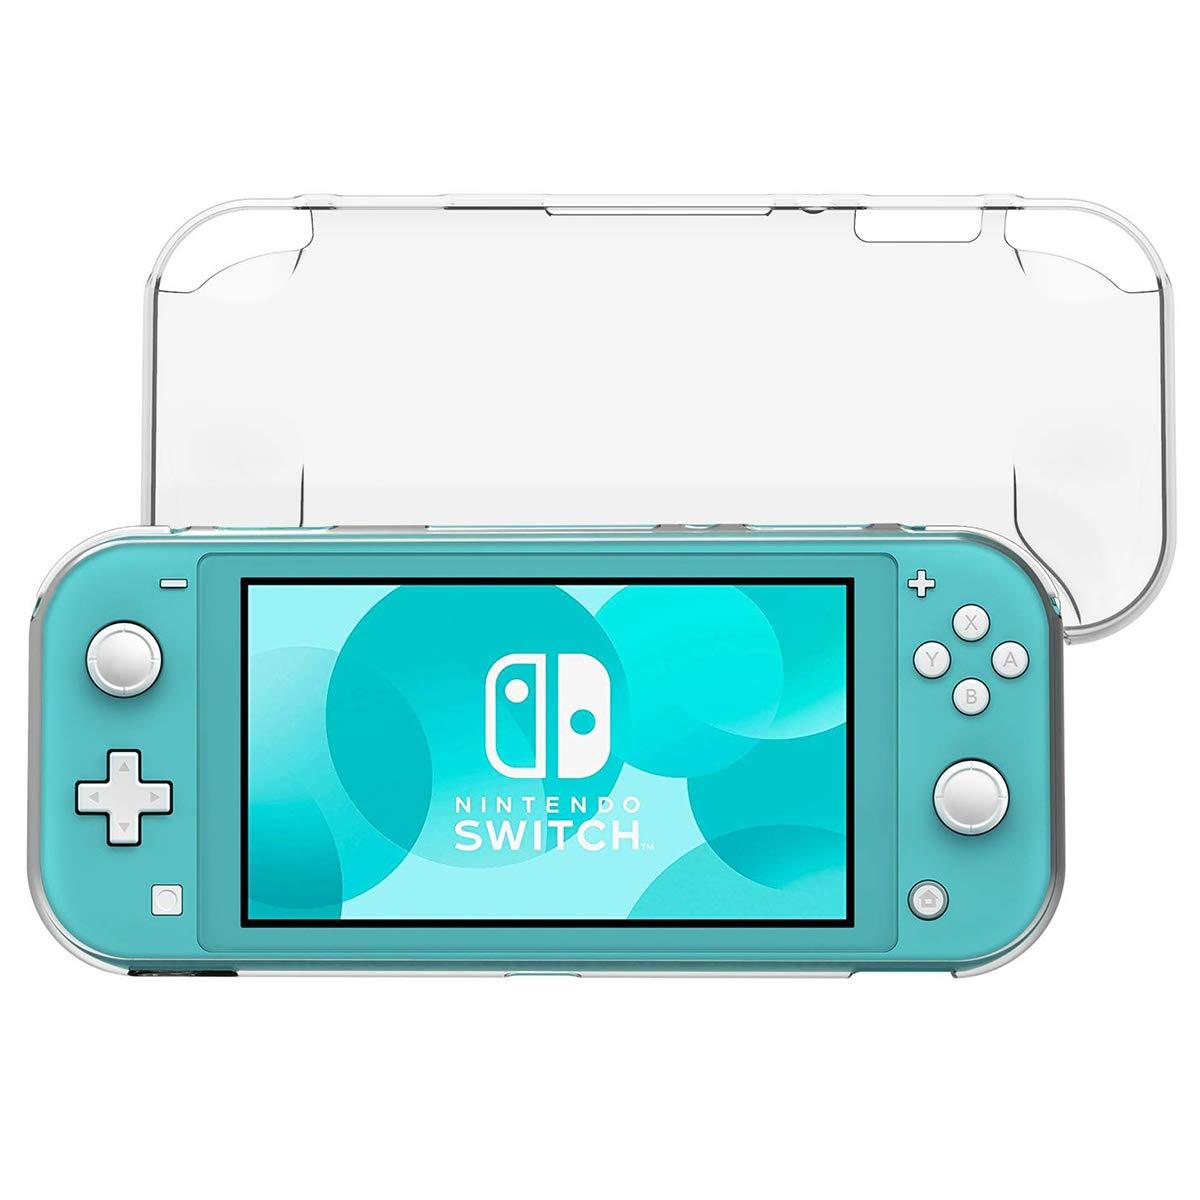 ELYCO Coque pour Nintendo Switch Lite, TPU Transparente Coque [Absorption des Chocs] [Anti-Rayures], Souple Coquille Housse Étui de Protection Case pour Nintendo Switch Lite